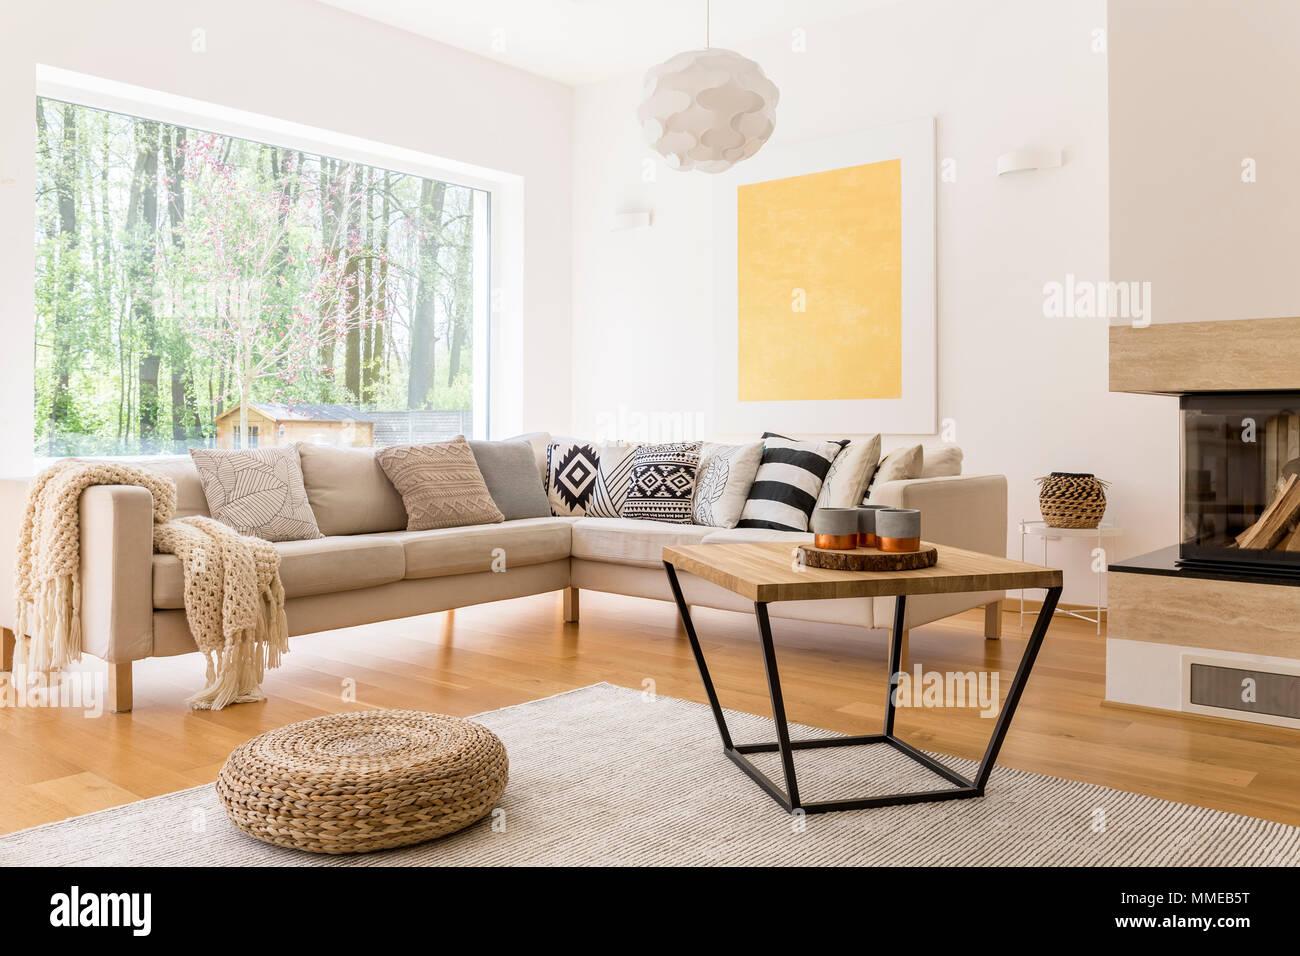 Holz Couchtisch und weißen Sofa im Wohnzimmer gemütliche ...